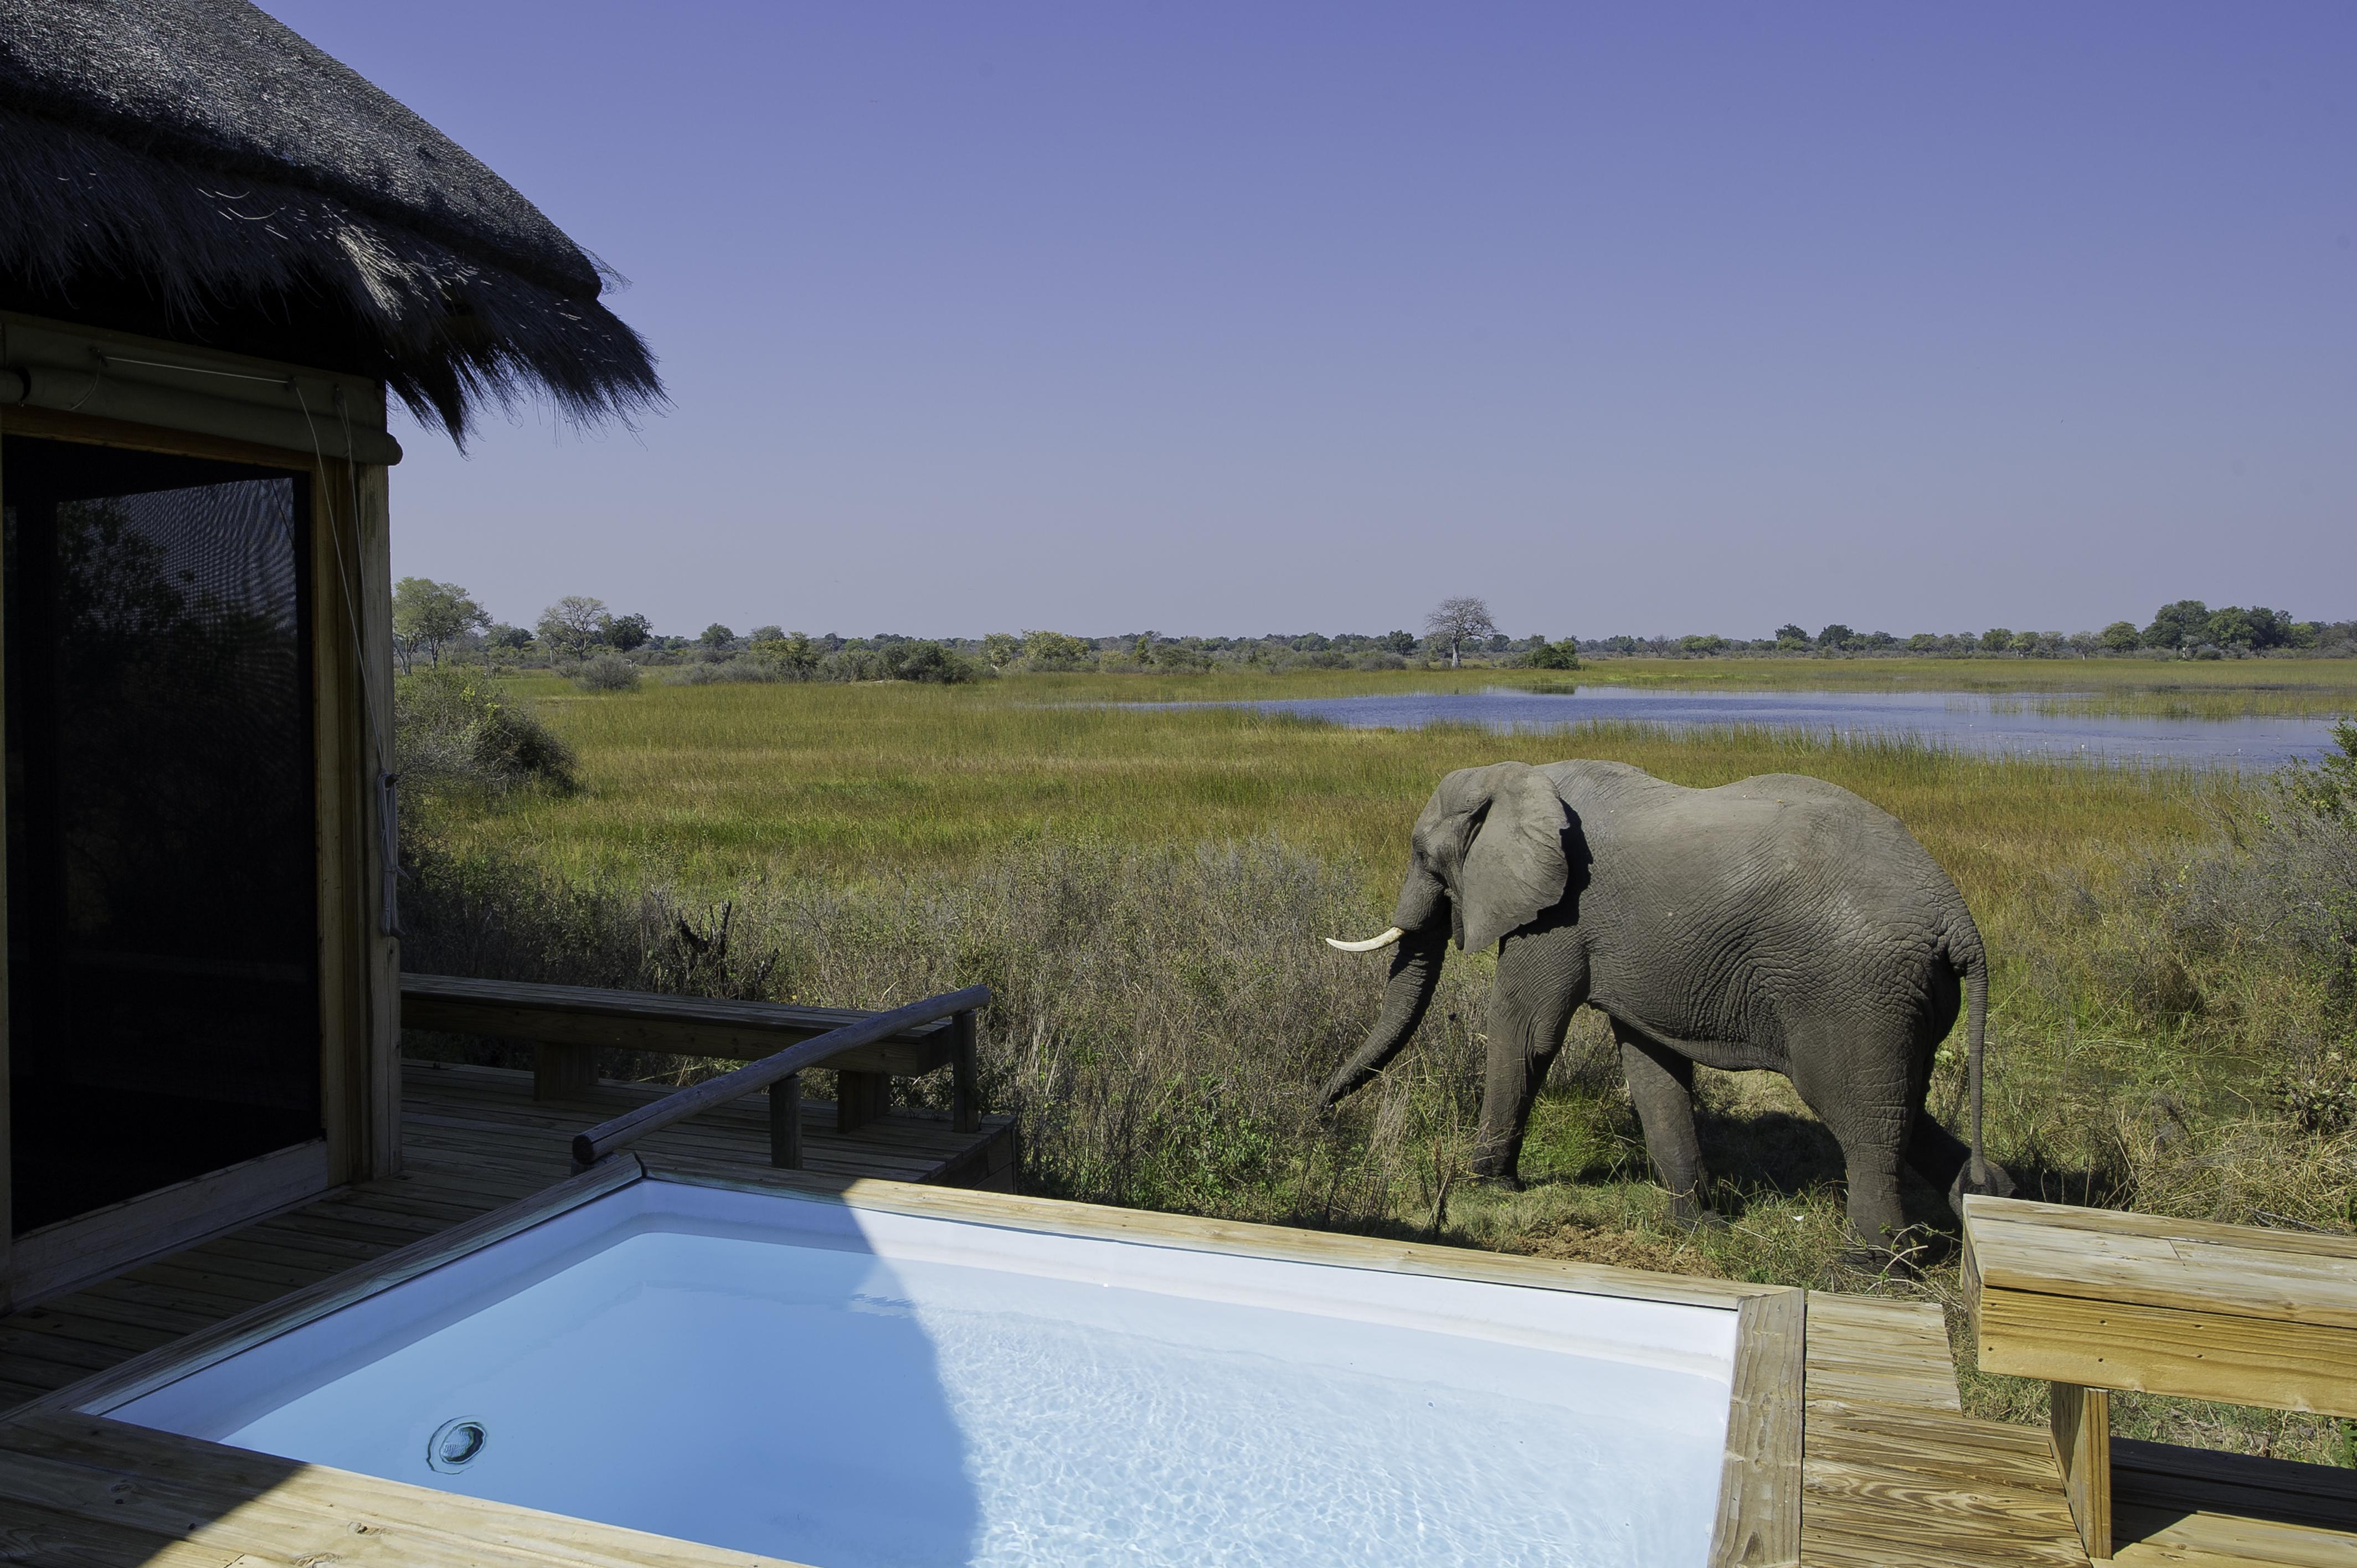 Een bezoeker bij het kamp de Vumbura Plains, Wilderness Safaris.